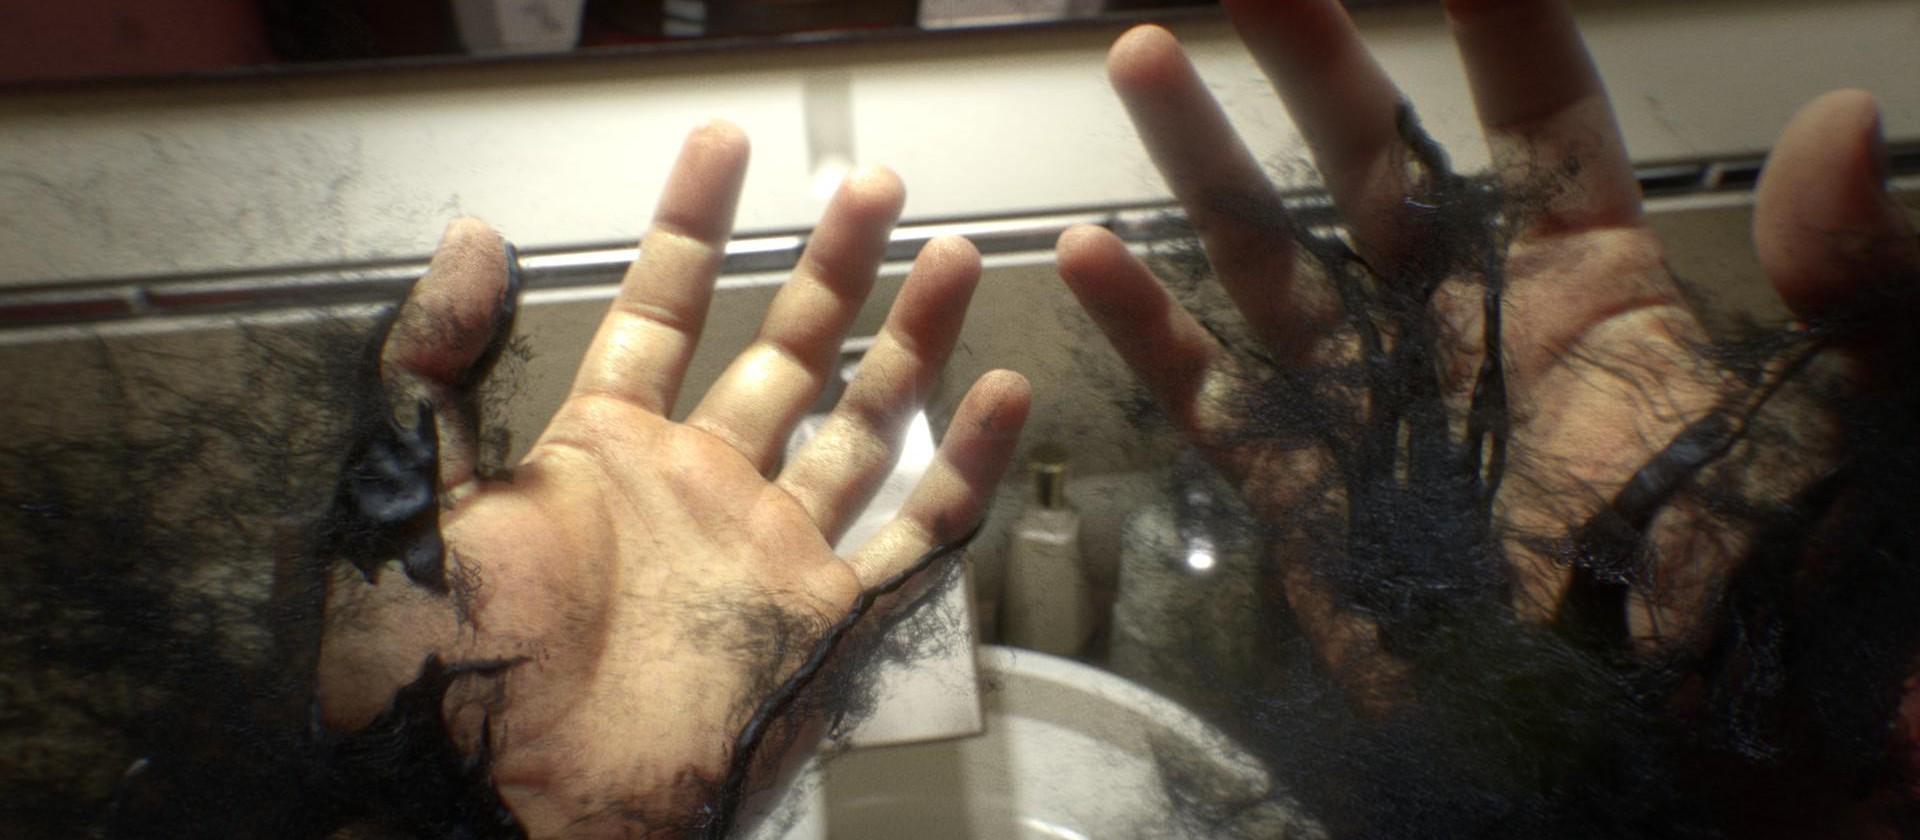 Je pense que je dois me laver les mains